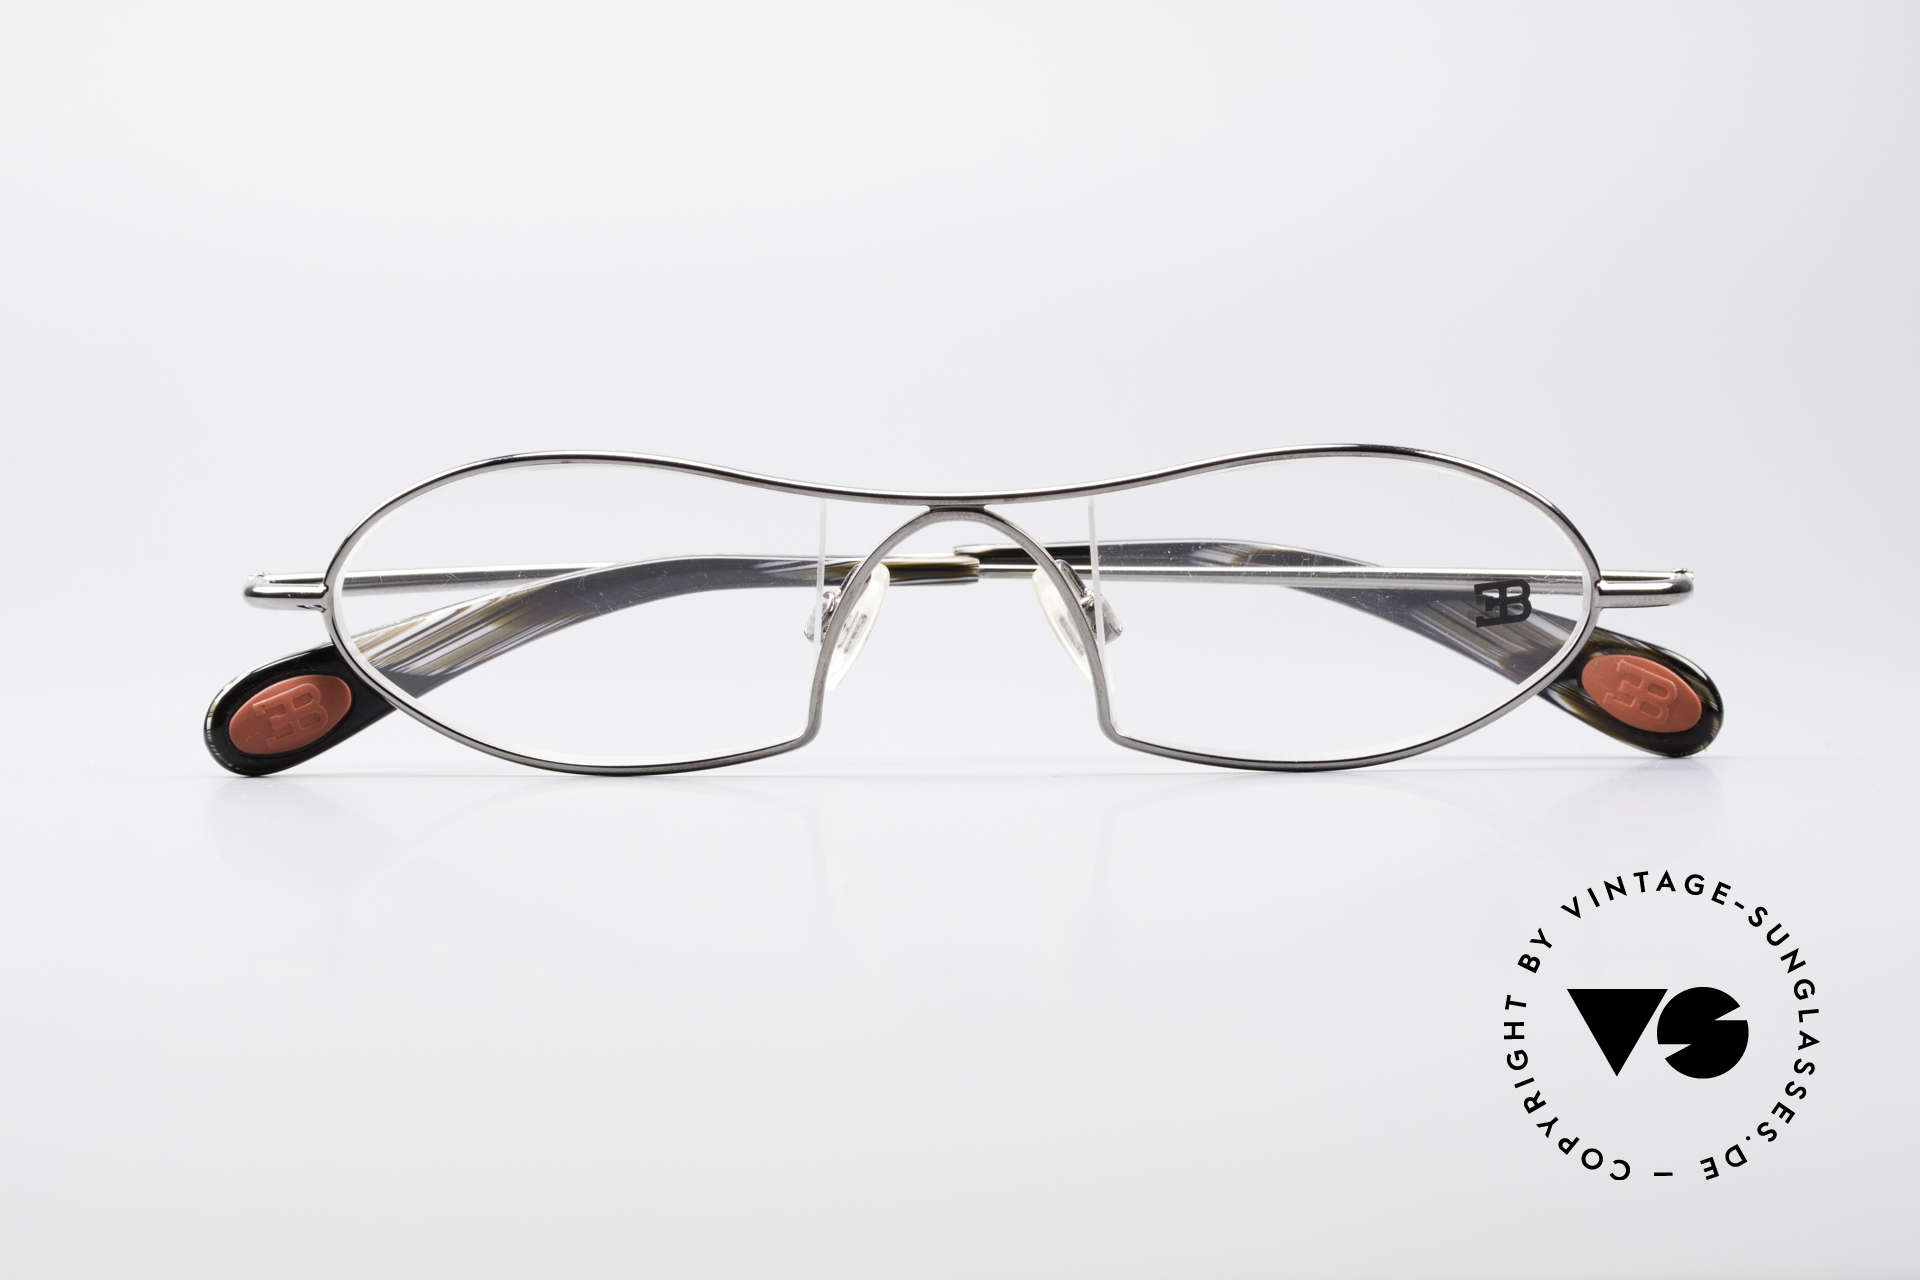 Bugatti 351 Odotype Rare Herren Designer Brille, sehr spezielle Glaseinfassung & Top Komfort, Passend für Herren